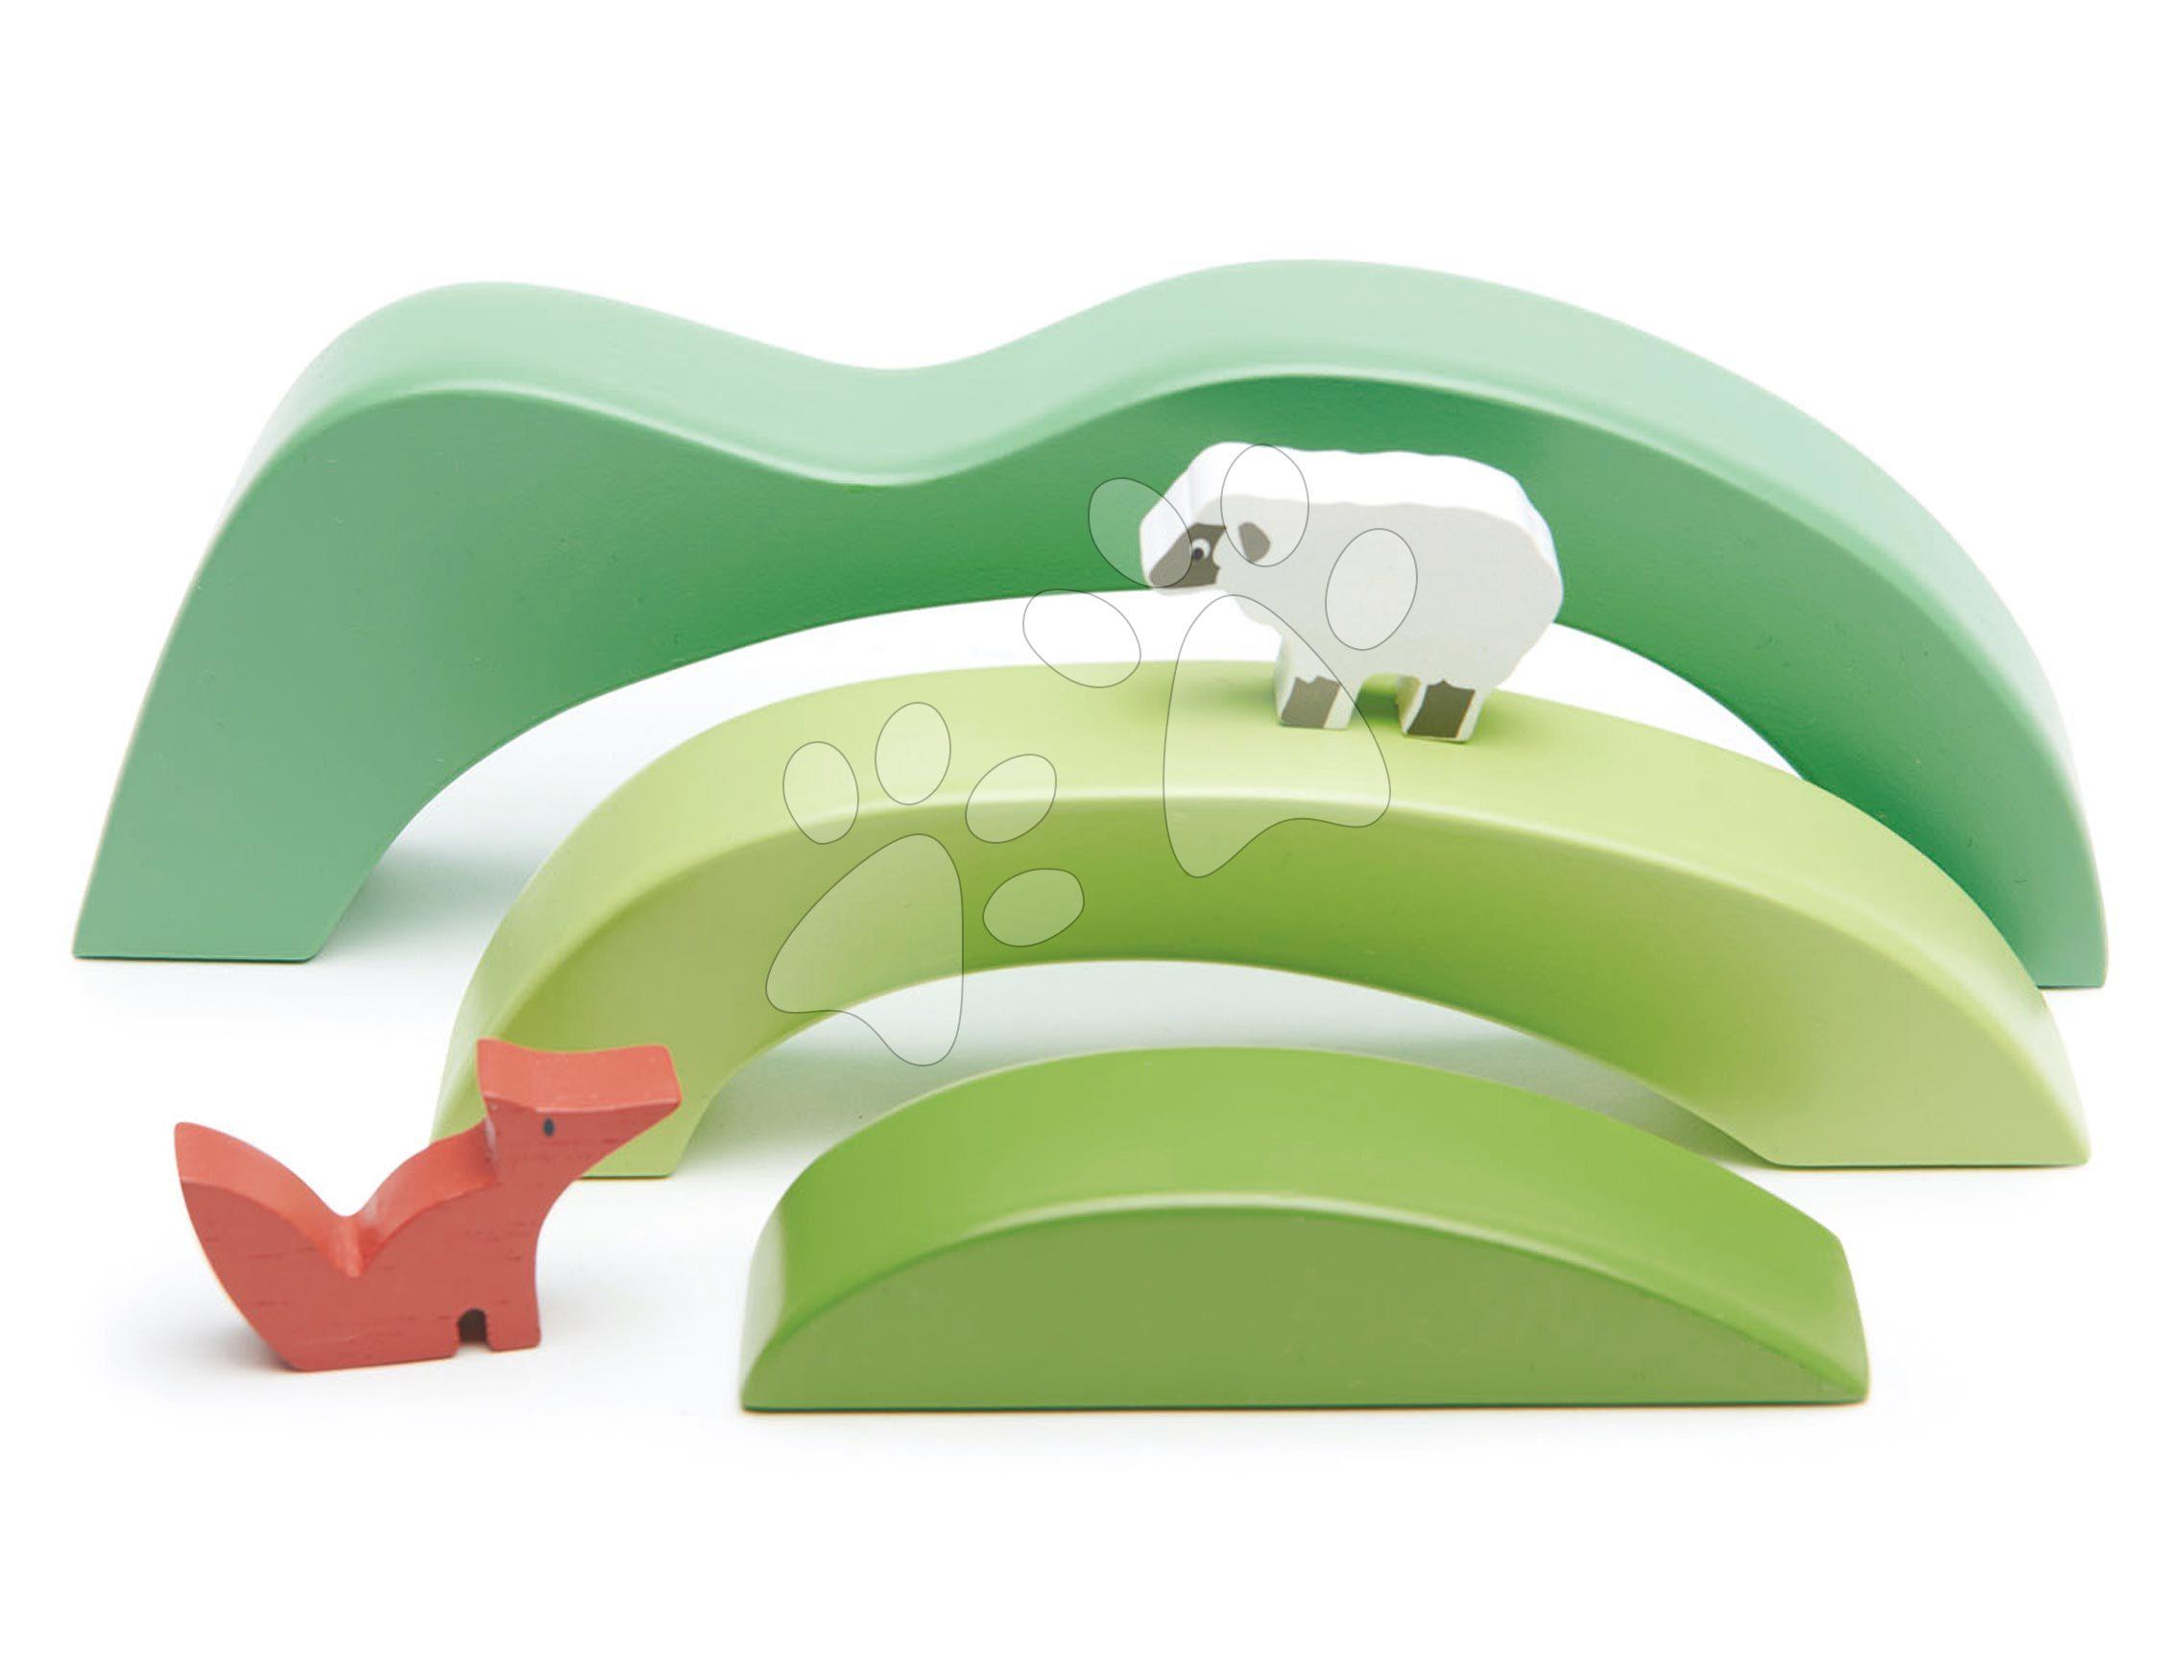 Drevené kopce a dolinky Green Hills View Tender Leaf Toys s troma vlnkami a ovečka s líškou